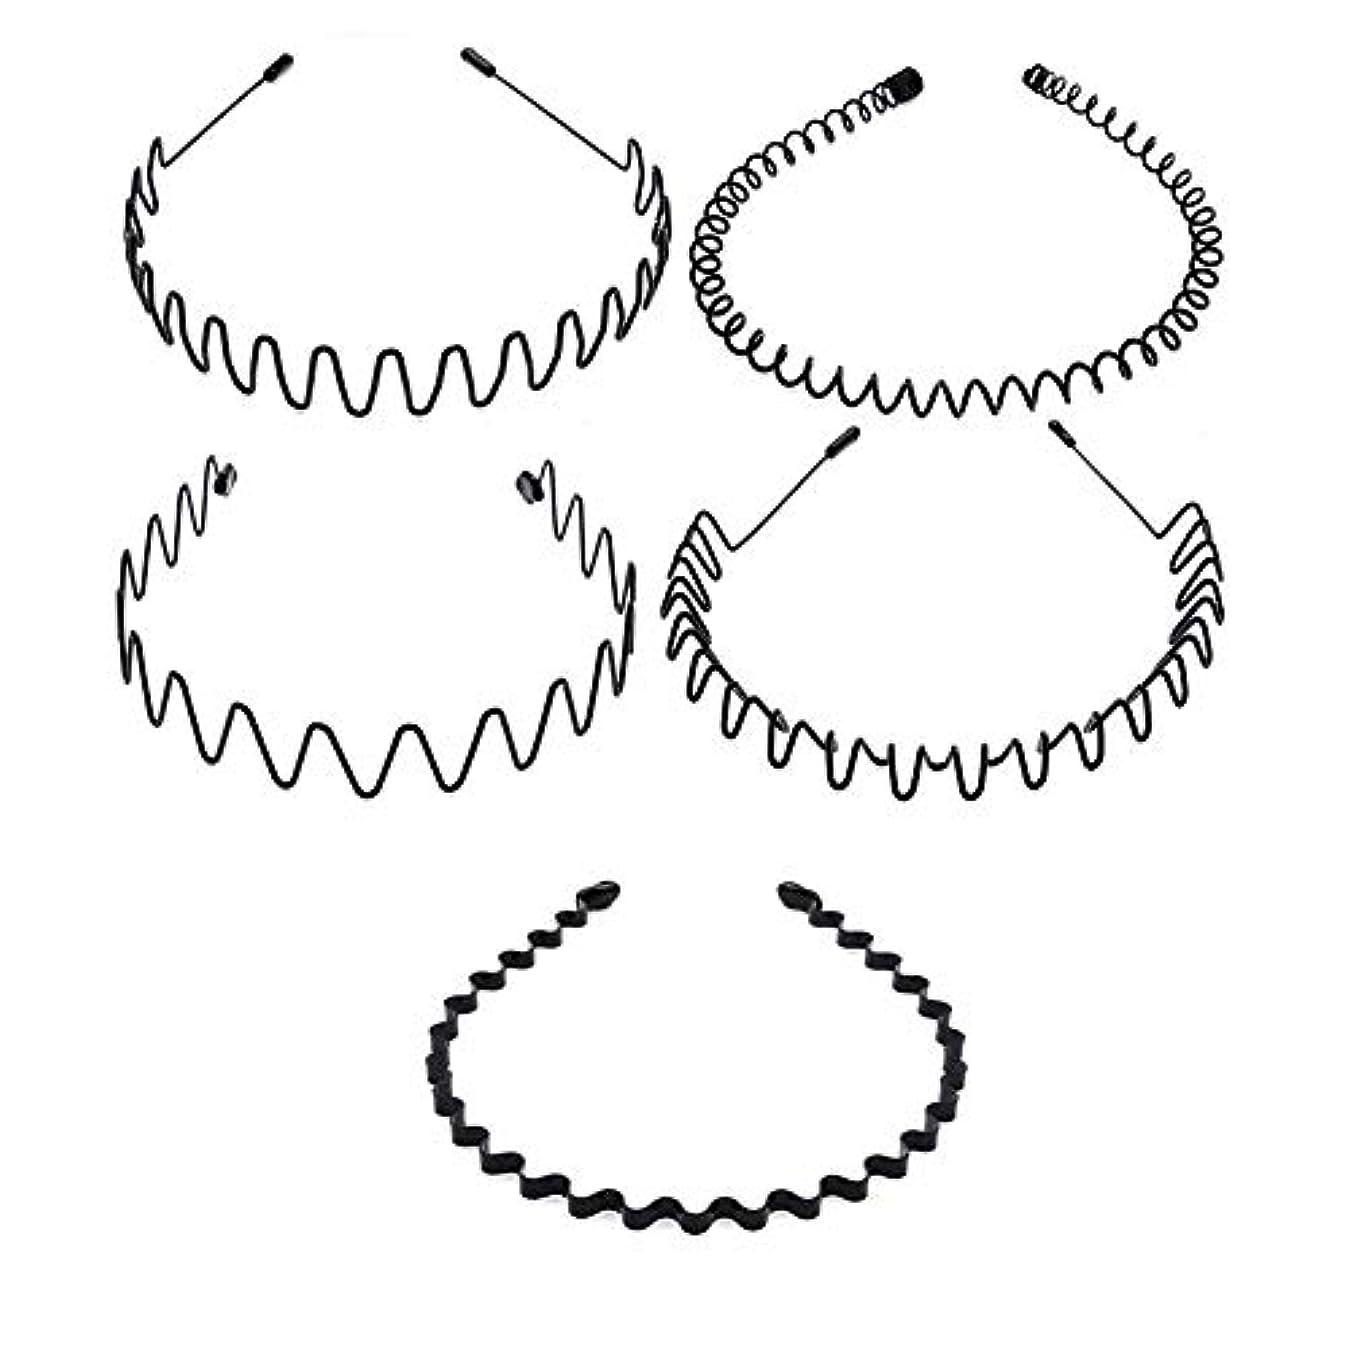 孤児冊子強度5種類のシンプルな波状ヘッドバンド 非常にニュートラルなヘアクリップ 男性と女性の両方が使用可能 黒